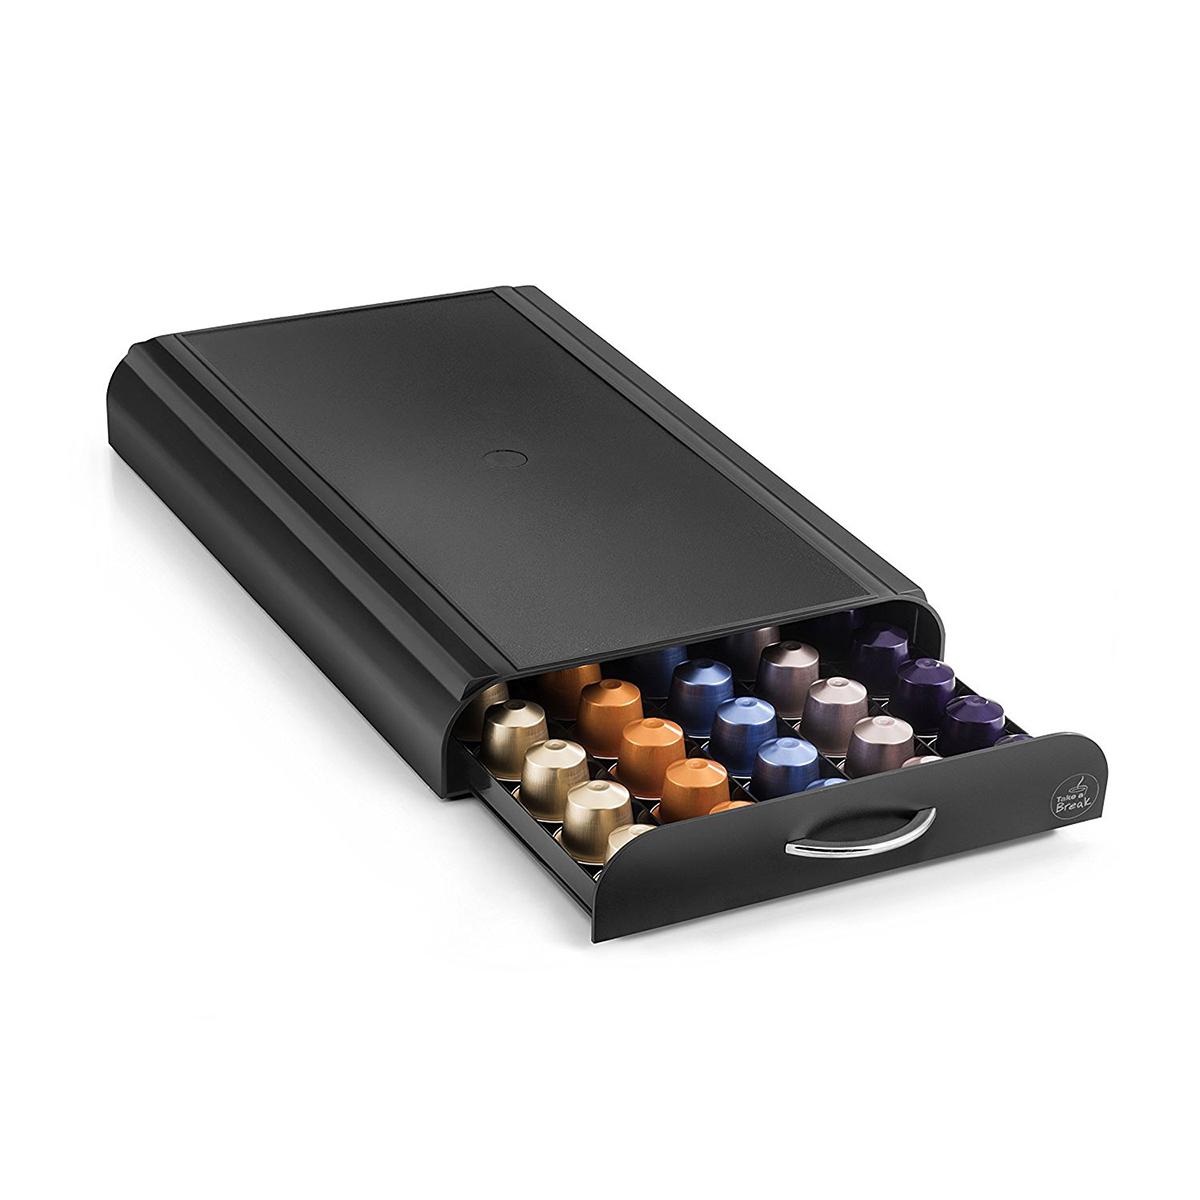 cep range dosettes take a break 1 tiroir r ception et accueil cep sur. Black Bedroom Furniture Sets. Home Design Ideas